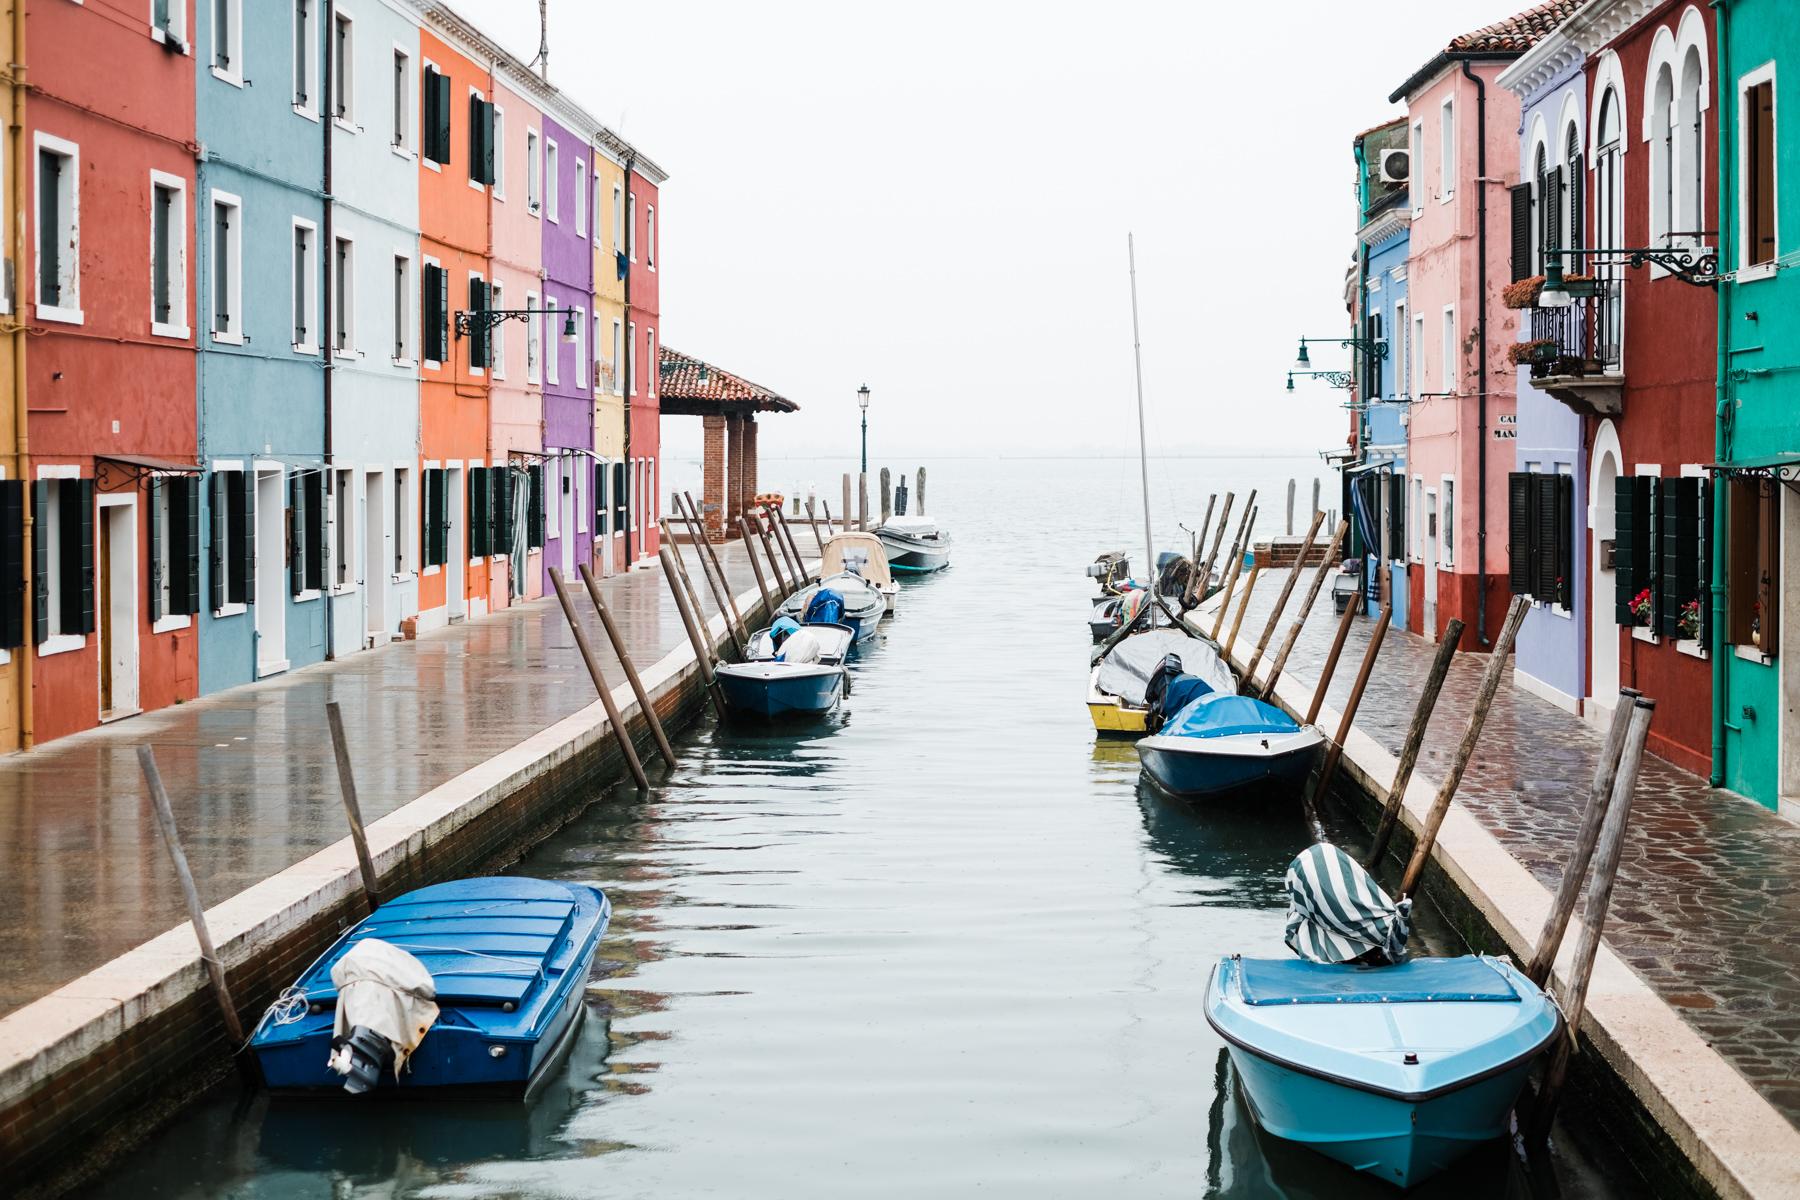 Venice_deersphotography-229